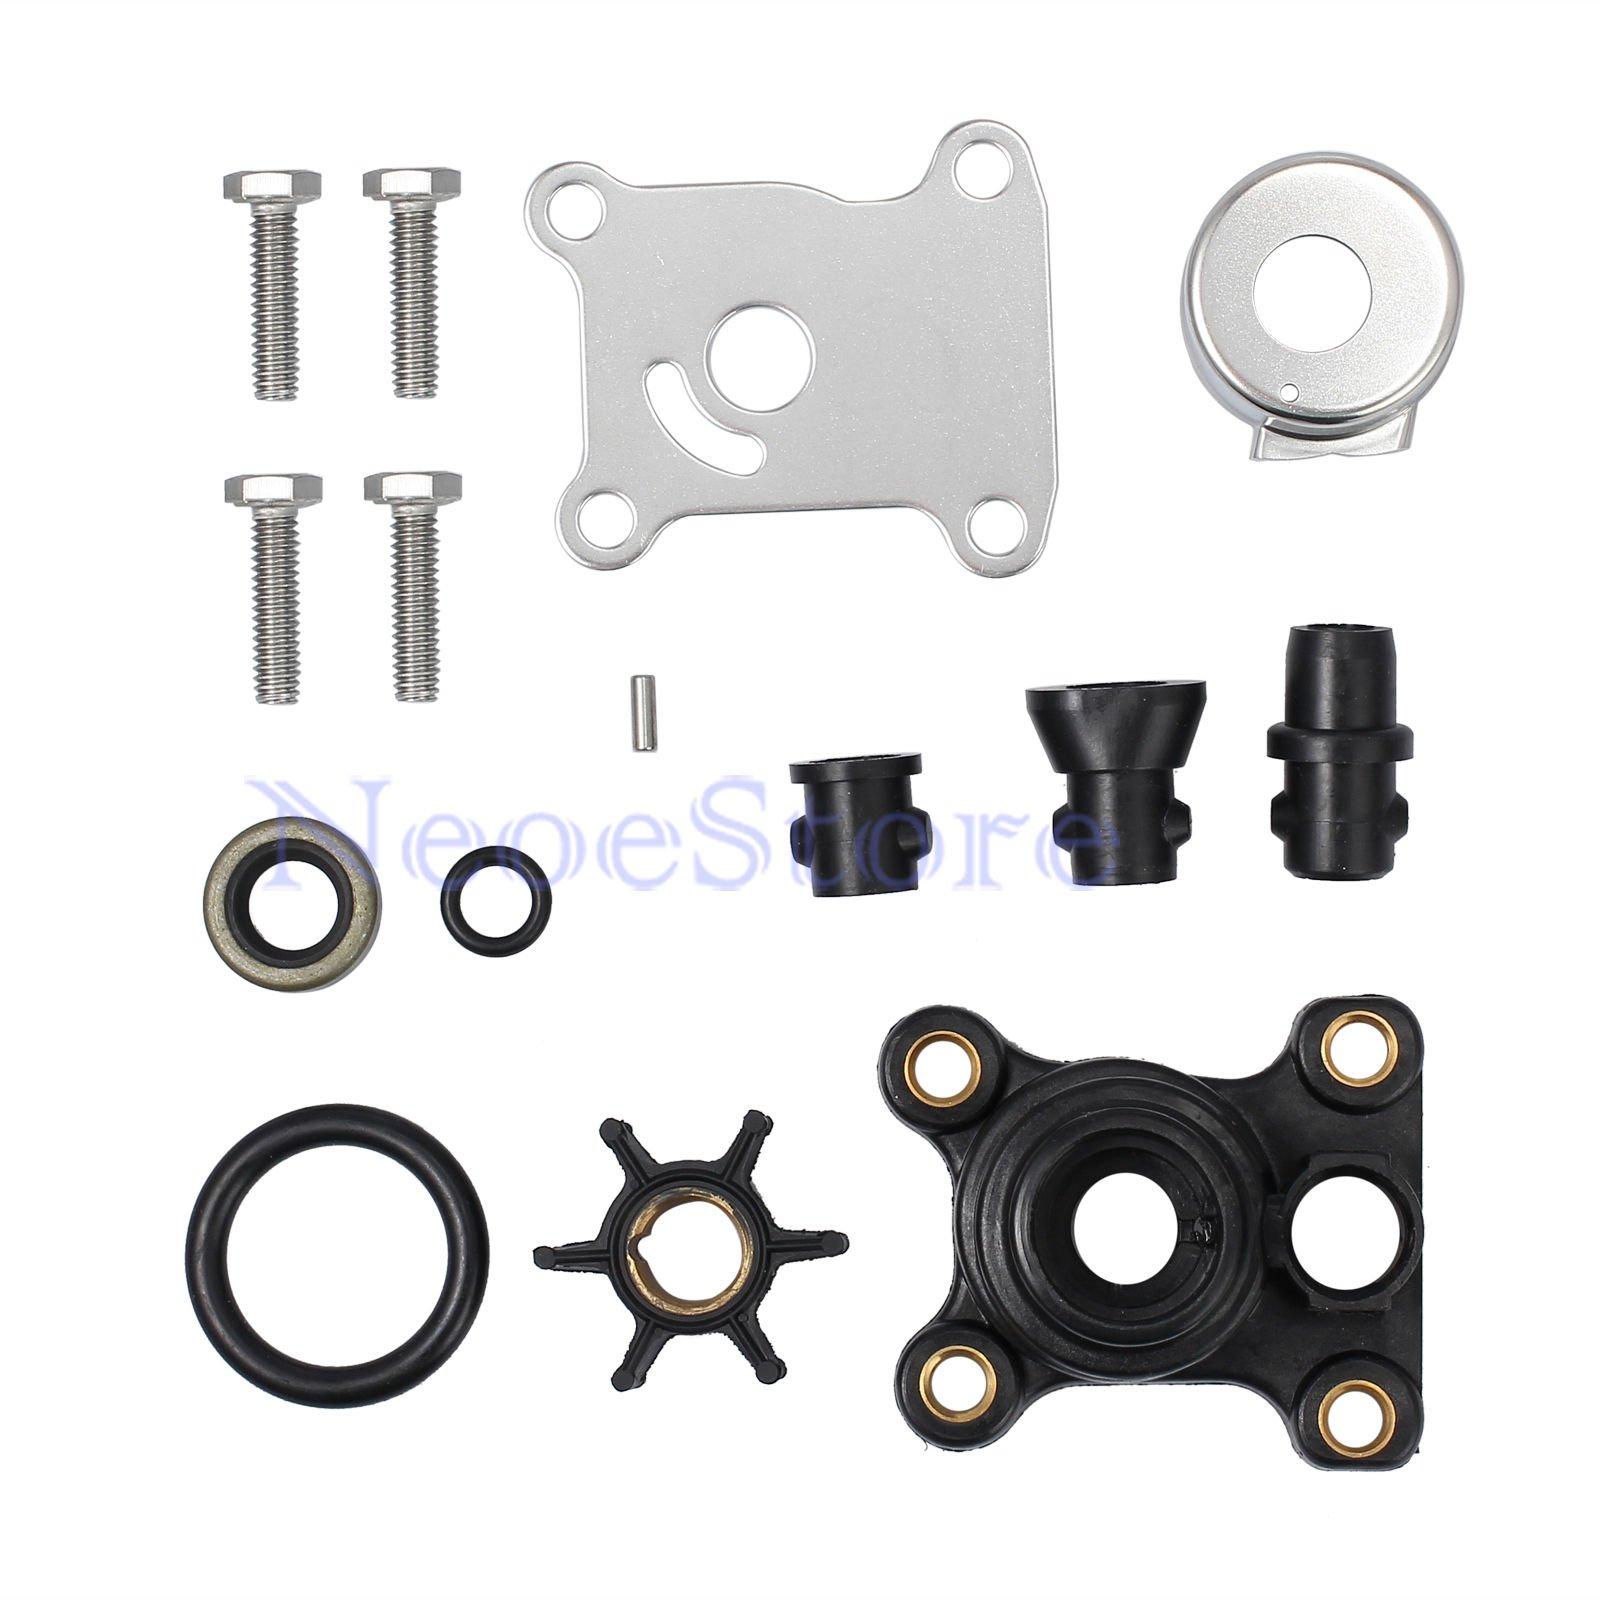 Water Pump Impeller Repair Kit 9.9hp & 15hp for Johnson/Evinrude 394711 0394711